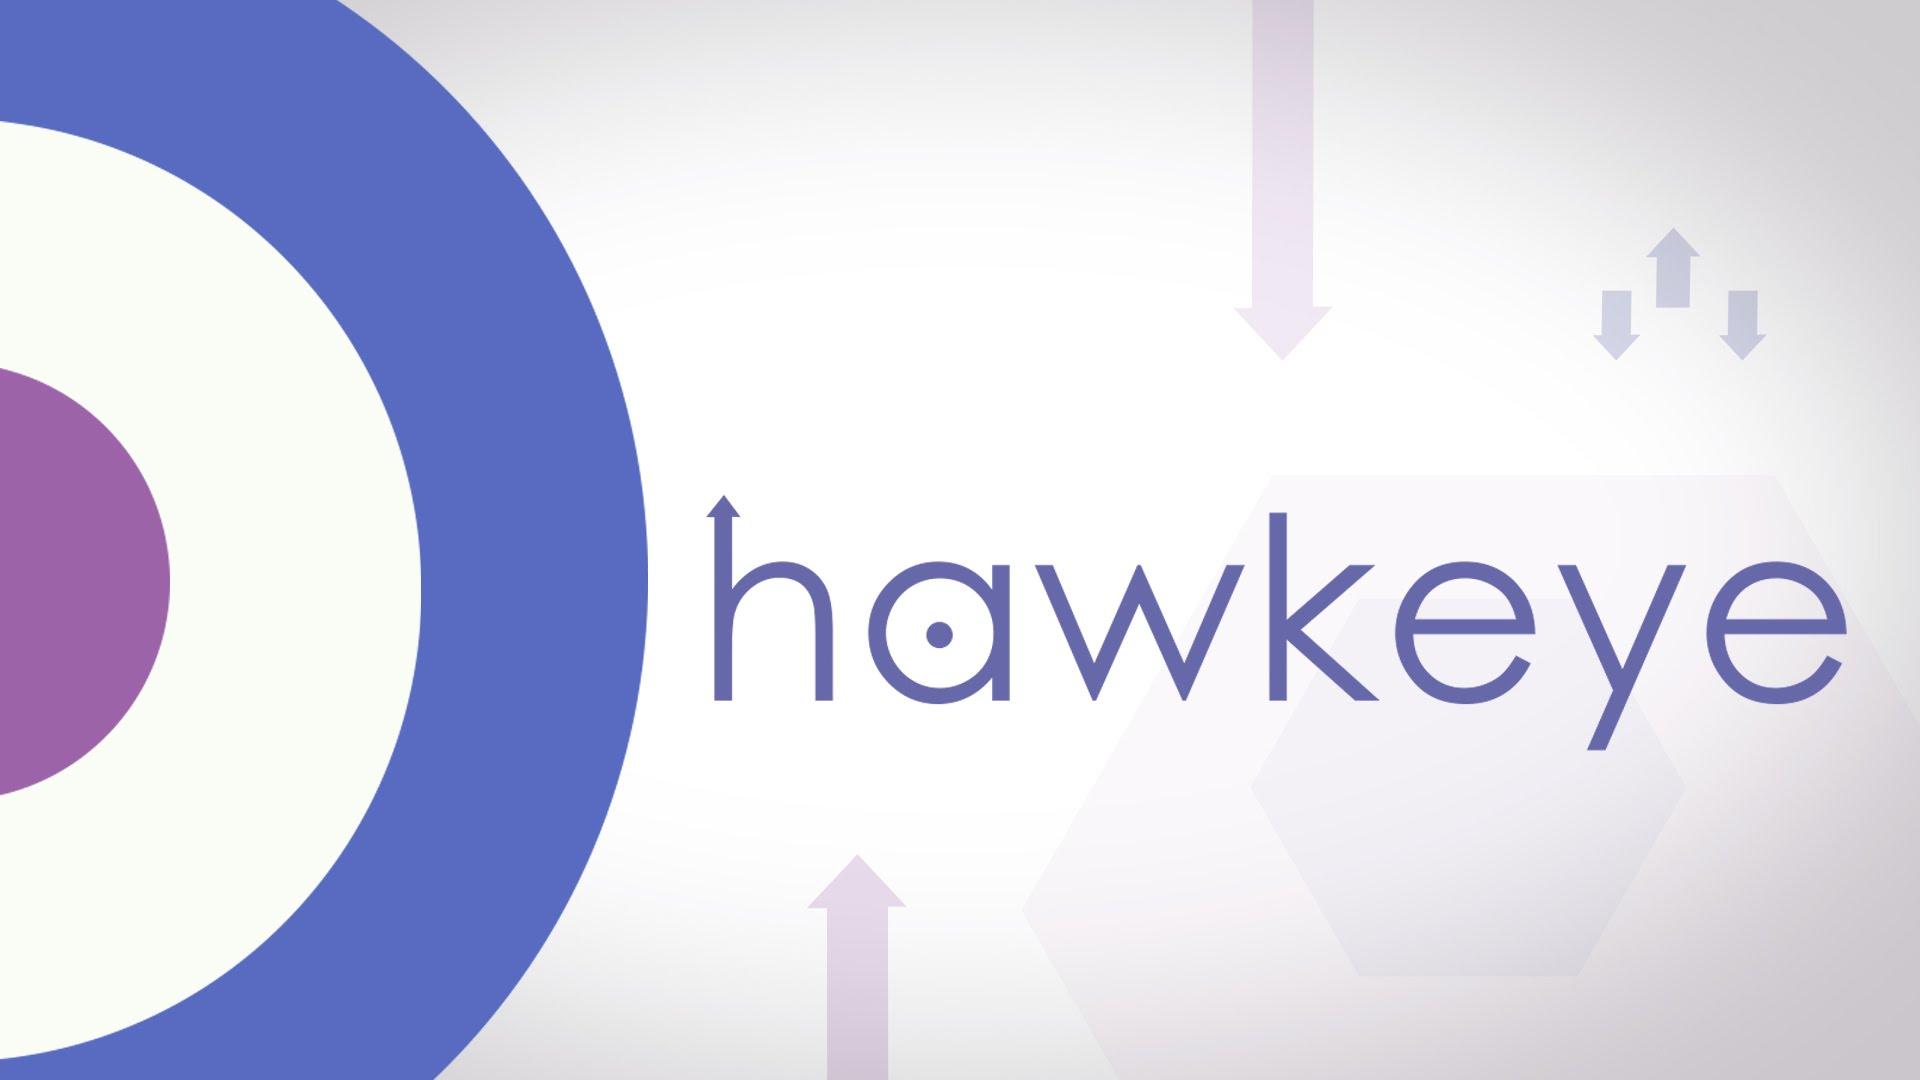 Dieser Hawkeye-Fanfilm ist voll spaßig, Bro!